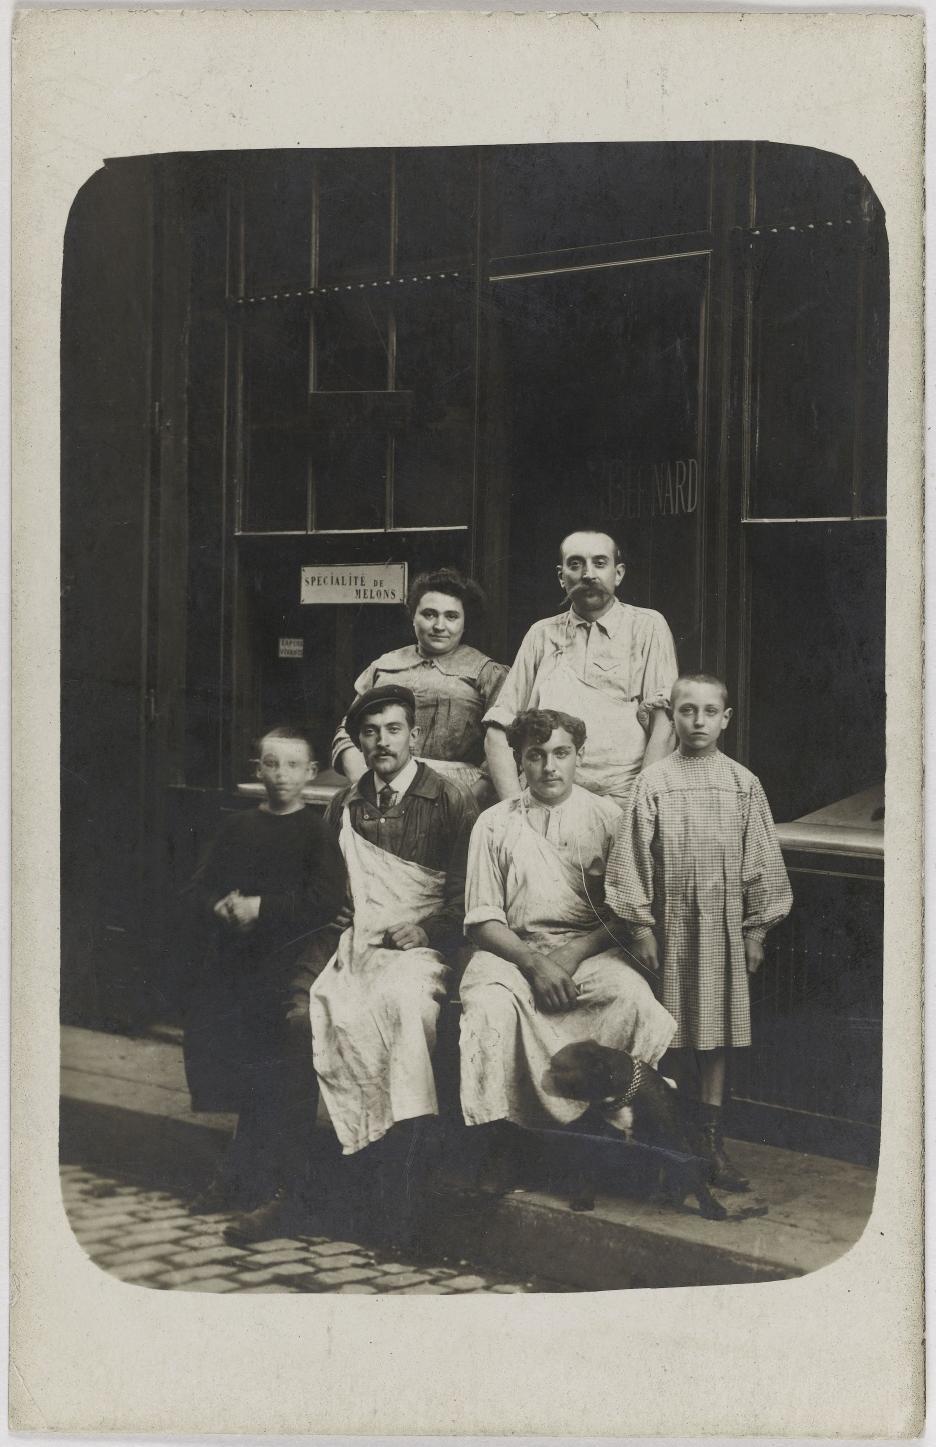 1910-1920. Бакалея, мясная лавка. Дом Э. Бернарда